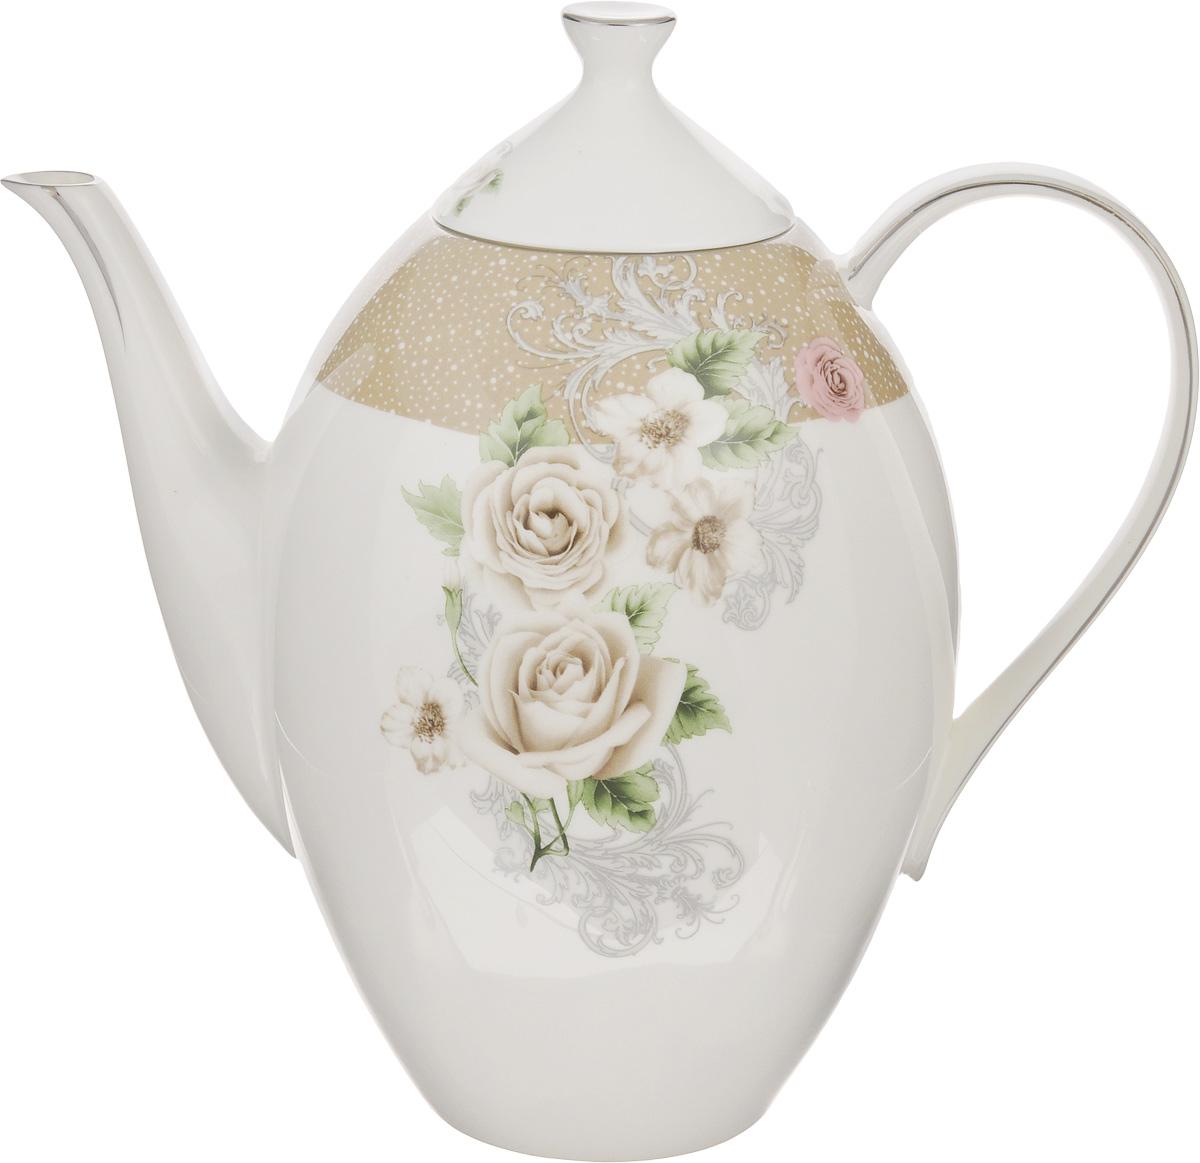 Чайник заварочный Family & Friends Florance, 1,3 лPR7994Заварочный чайник Family & Friends Florance изготовлен из фарфора и оформлен оригинальным цветочным узором. Такой чайник прекраснодополнит сервировку стола к чаепитию и станет его неизменным атрибутом.Объем: 1,3 л. Диаметр (по верхнему краю): 6 см. Высота стенки (без учета крышки): 17 см.